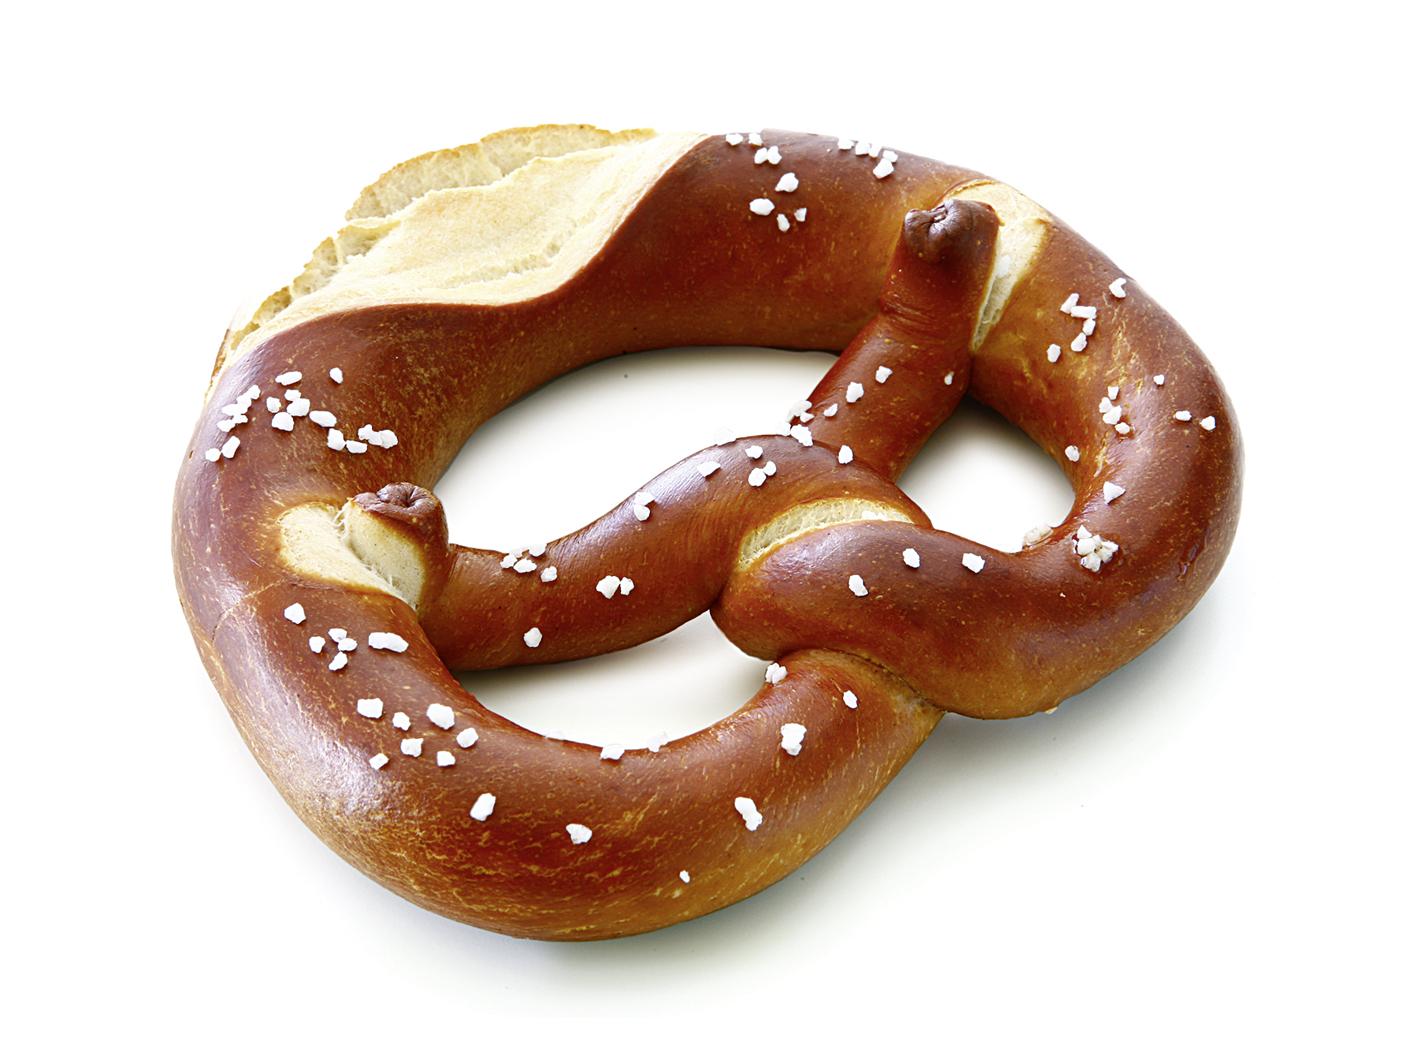 Soft Pretzel - Raw dough piece/ with separate salt for sprinkling